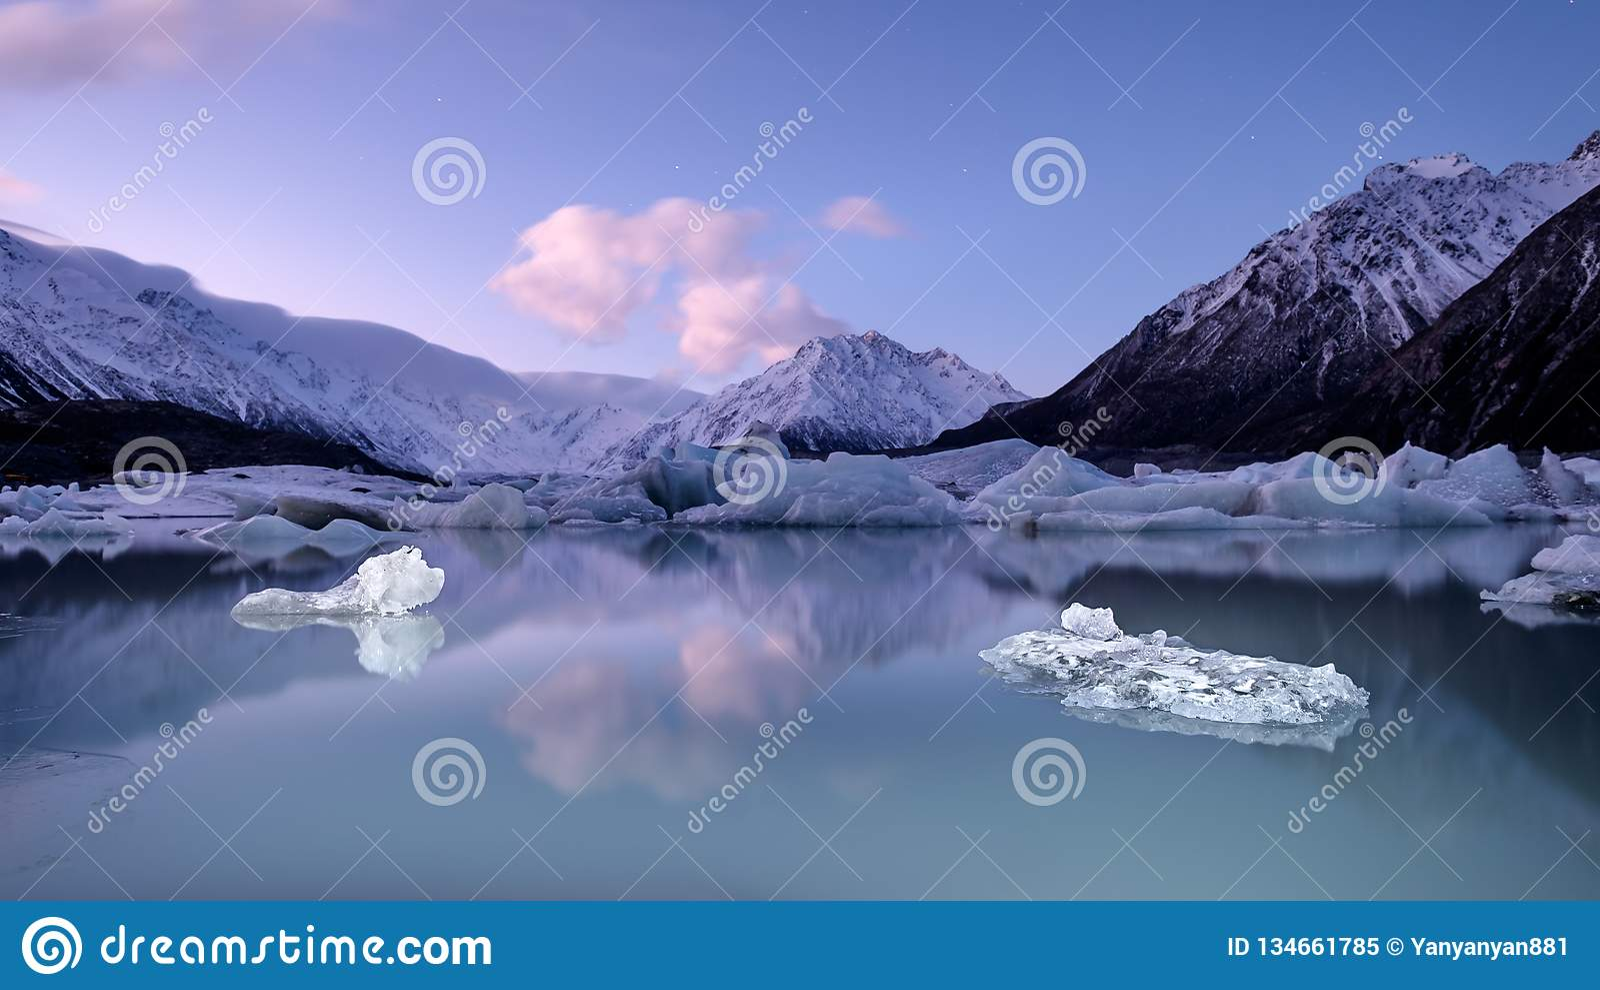 Vreedzaam landschap van ijs, gletsjer, meer en sneeuwberg in Nieuw Zeeland